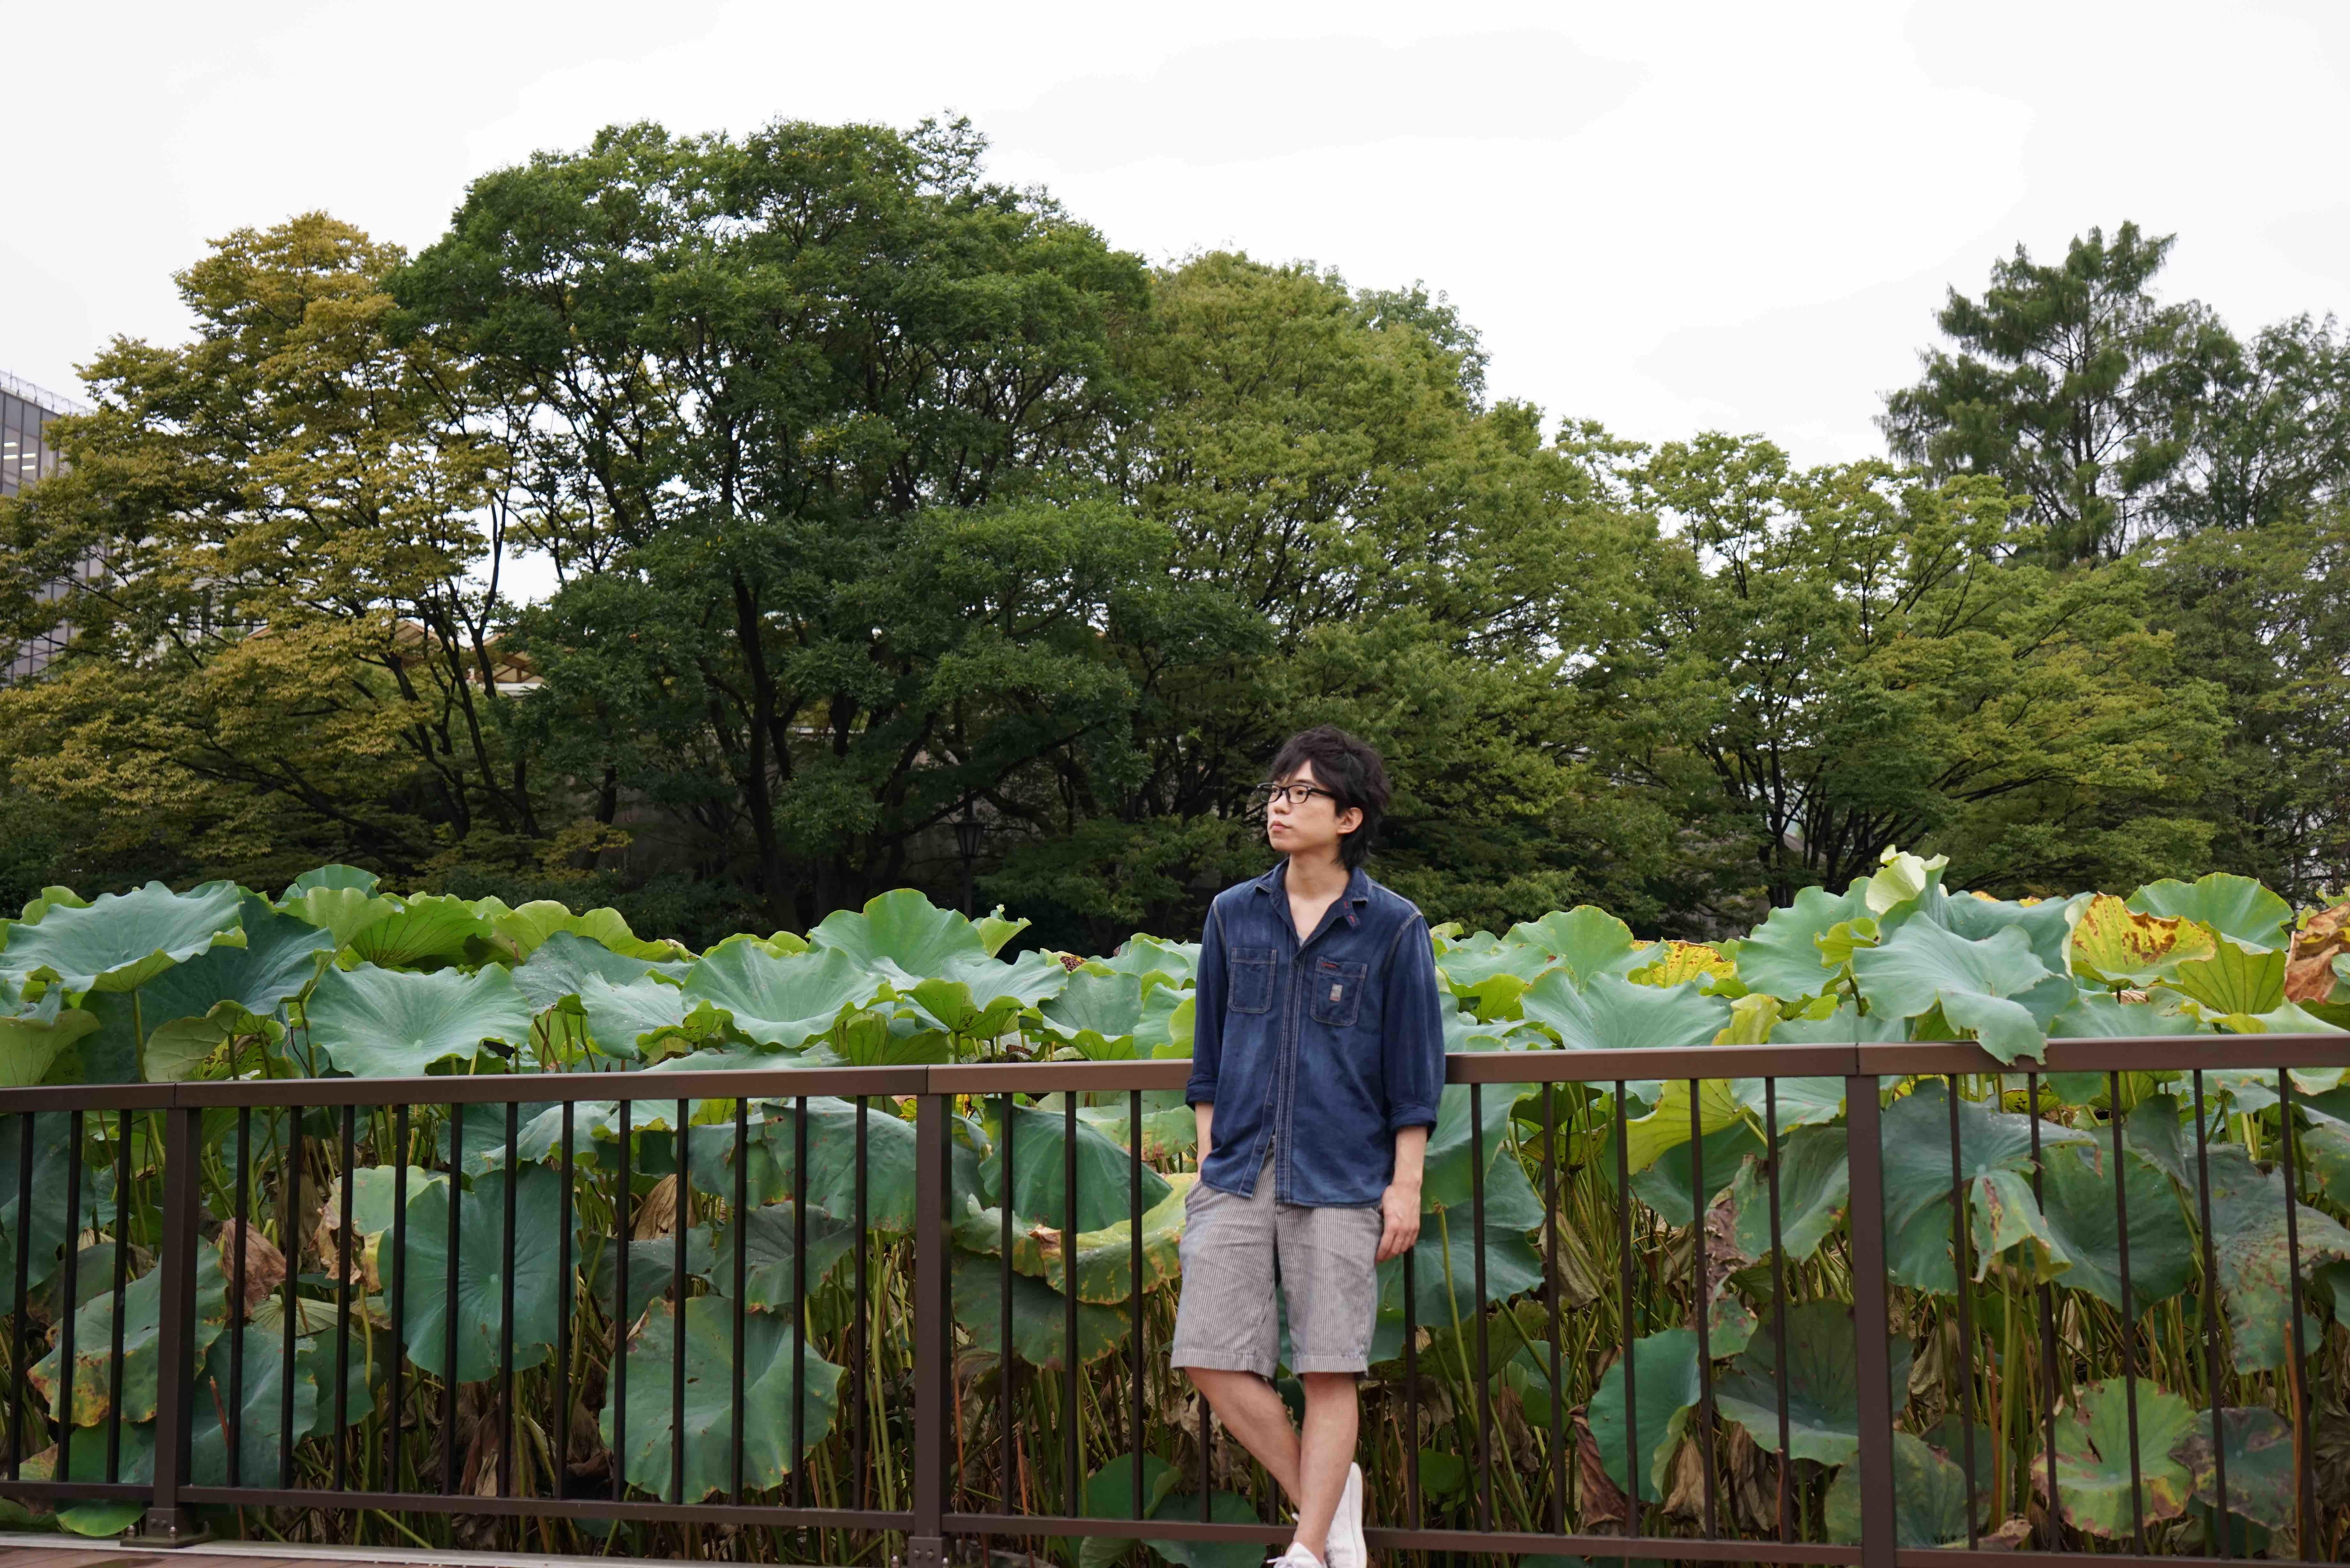 Kプラン【西郷葉介出張ライブプラン】